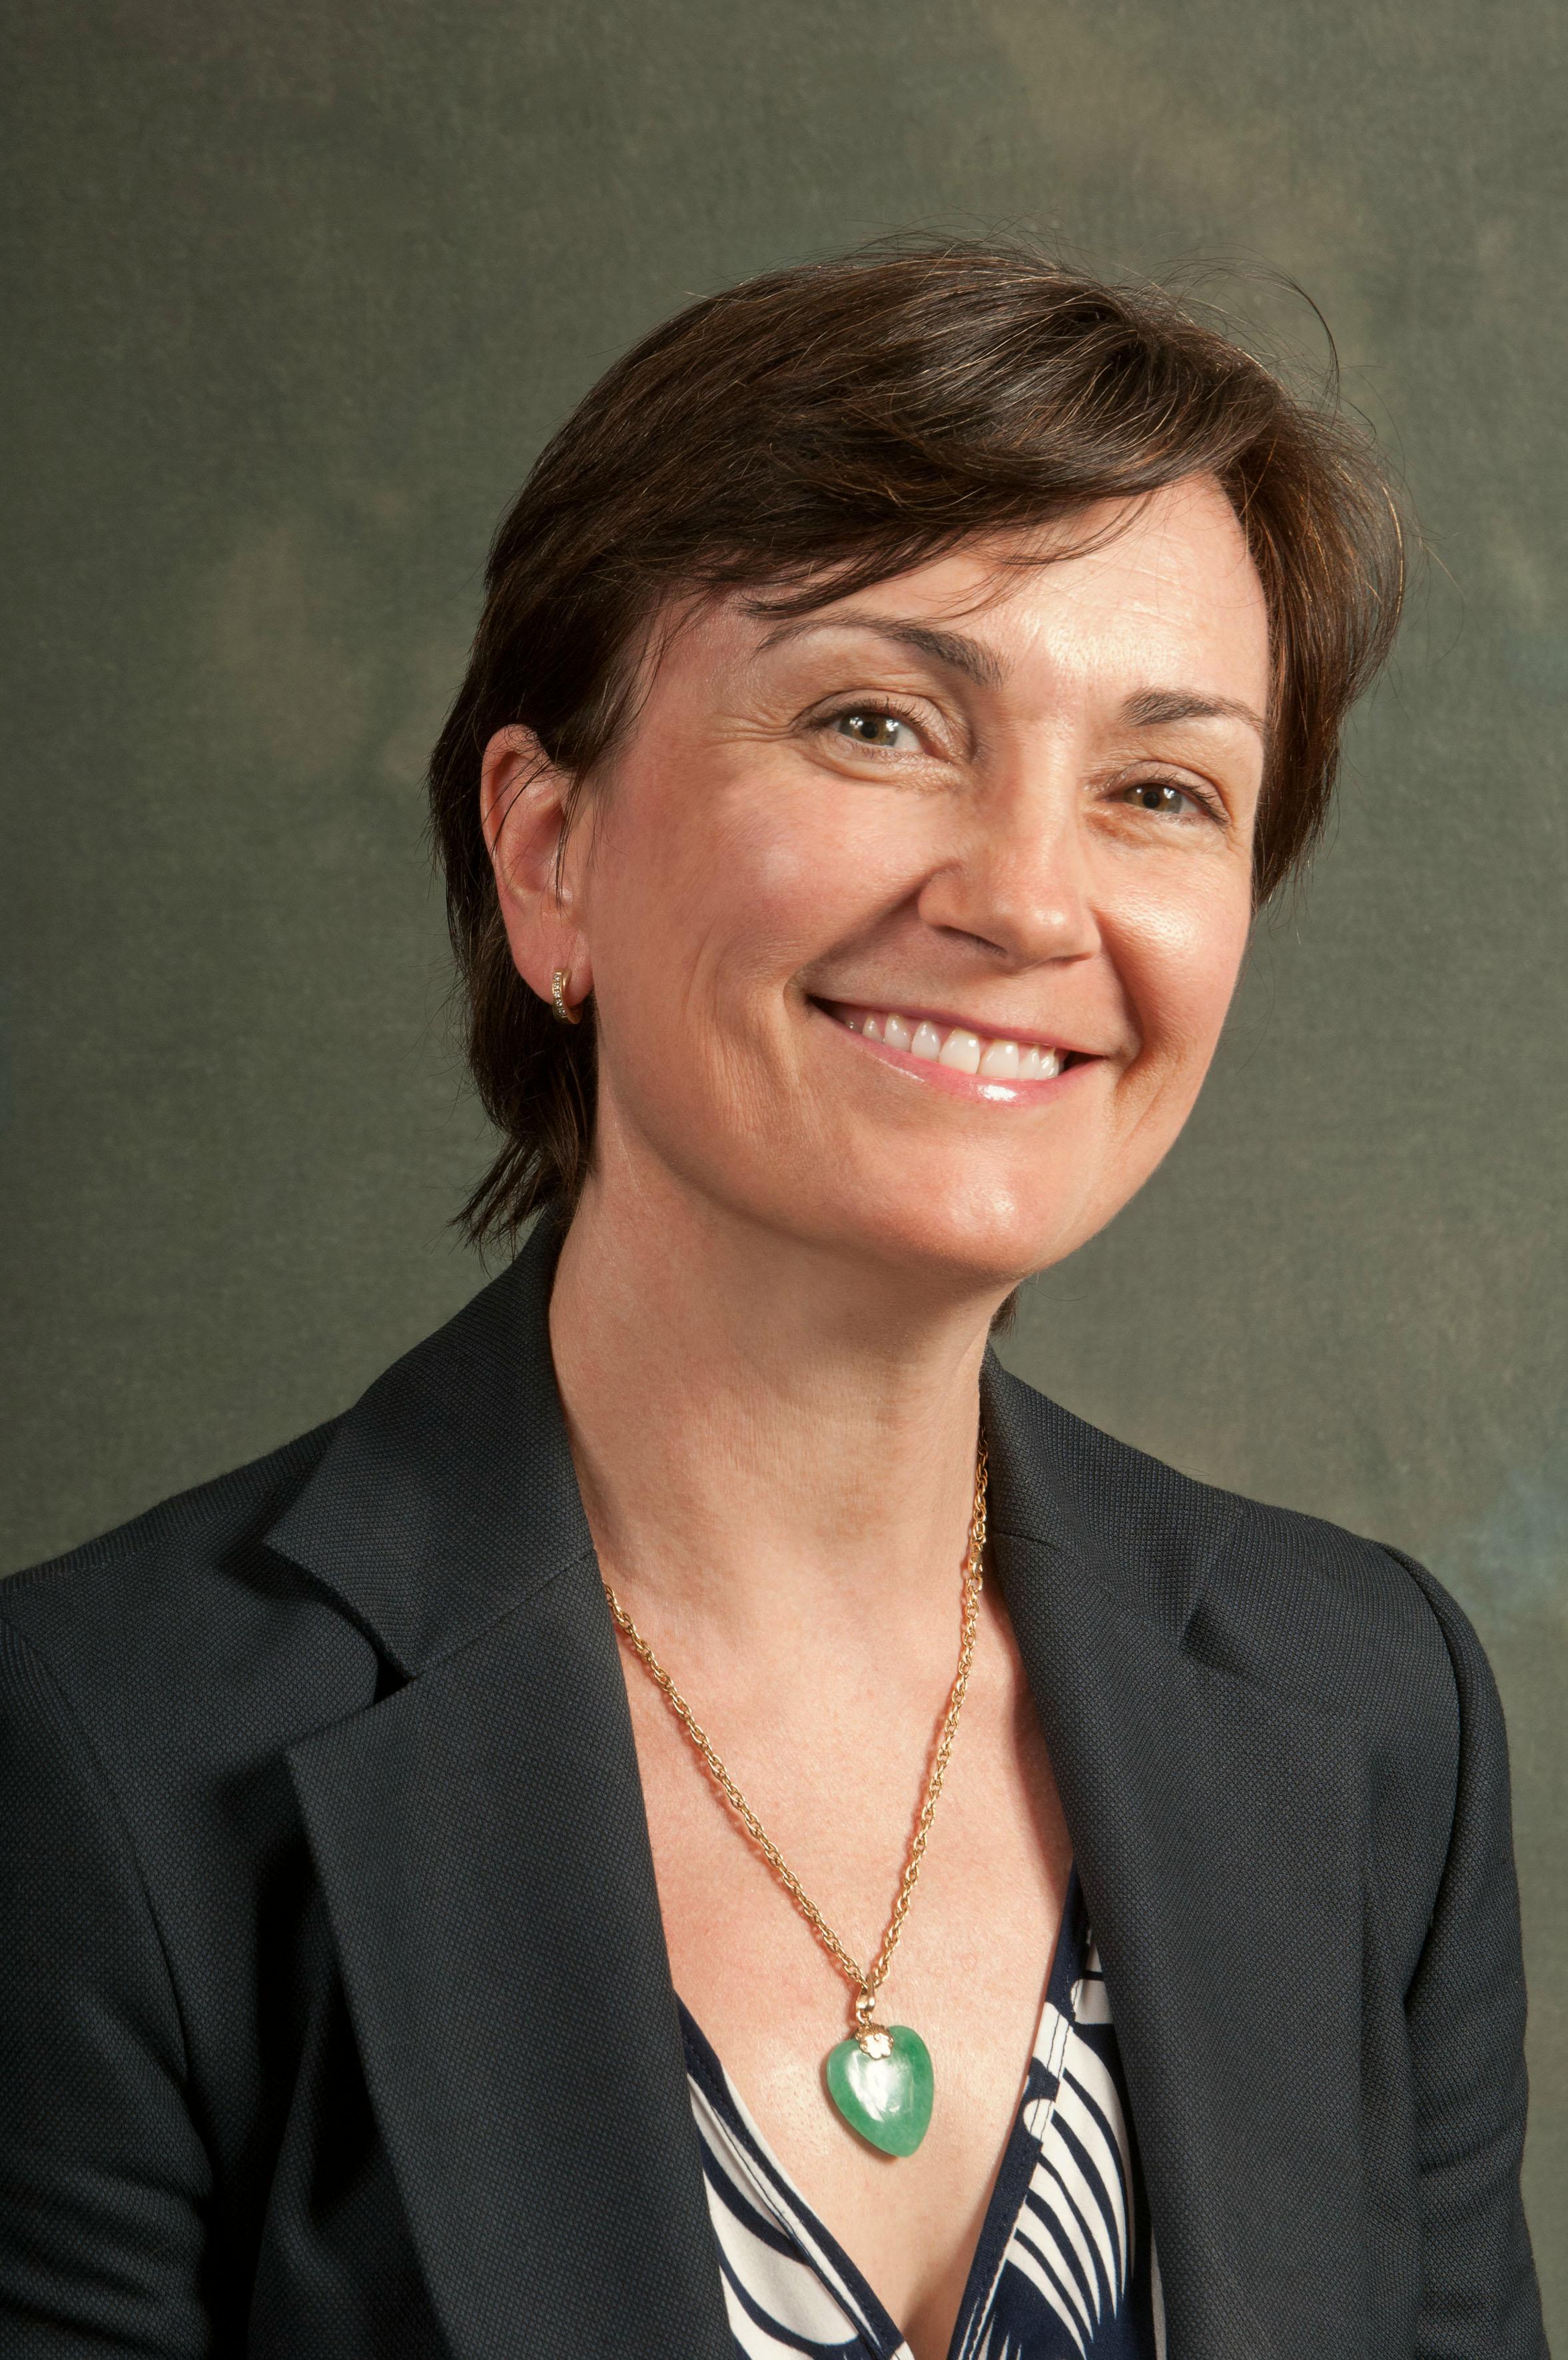 Associate Professor Kathryn Alleyne Gibson